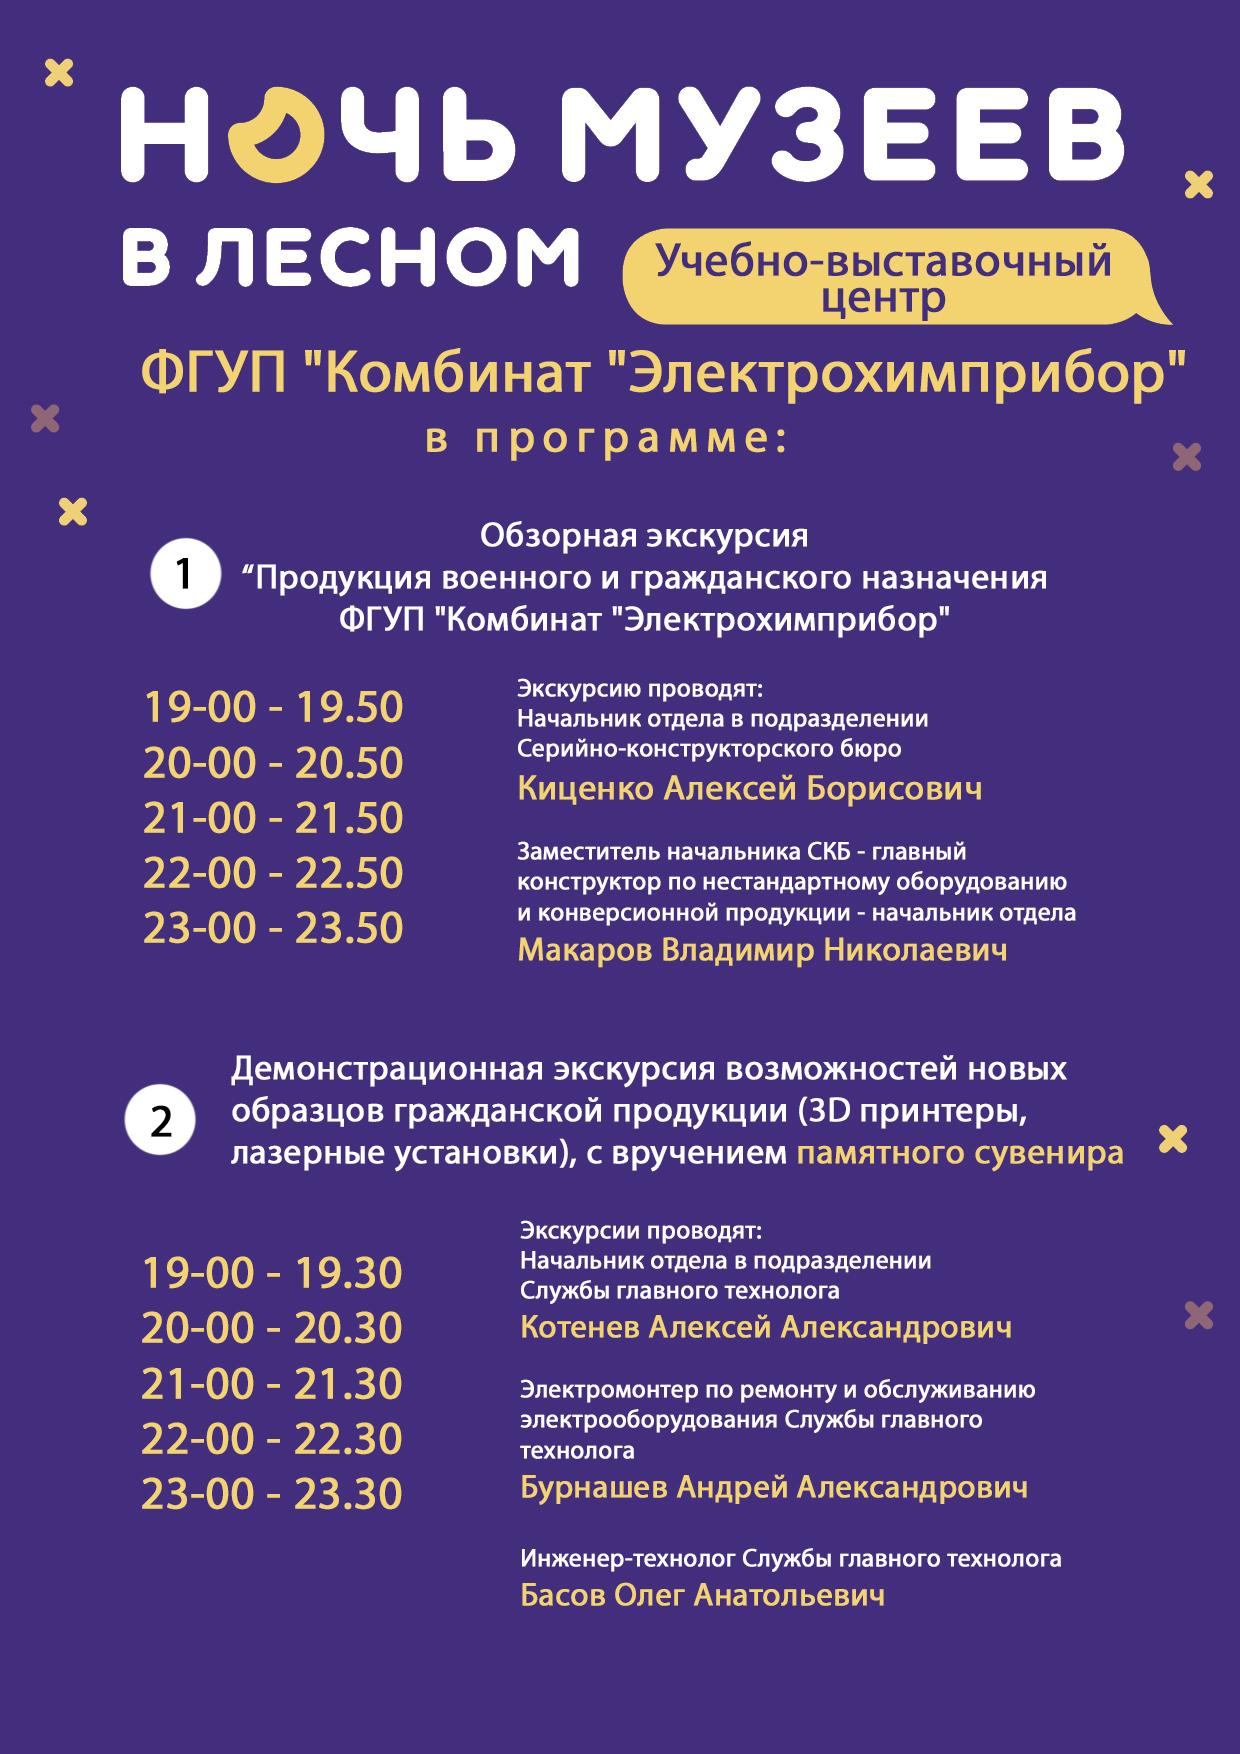 УВЦ Ночь музеев